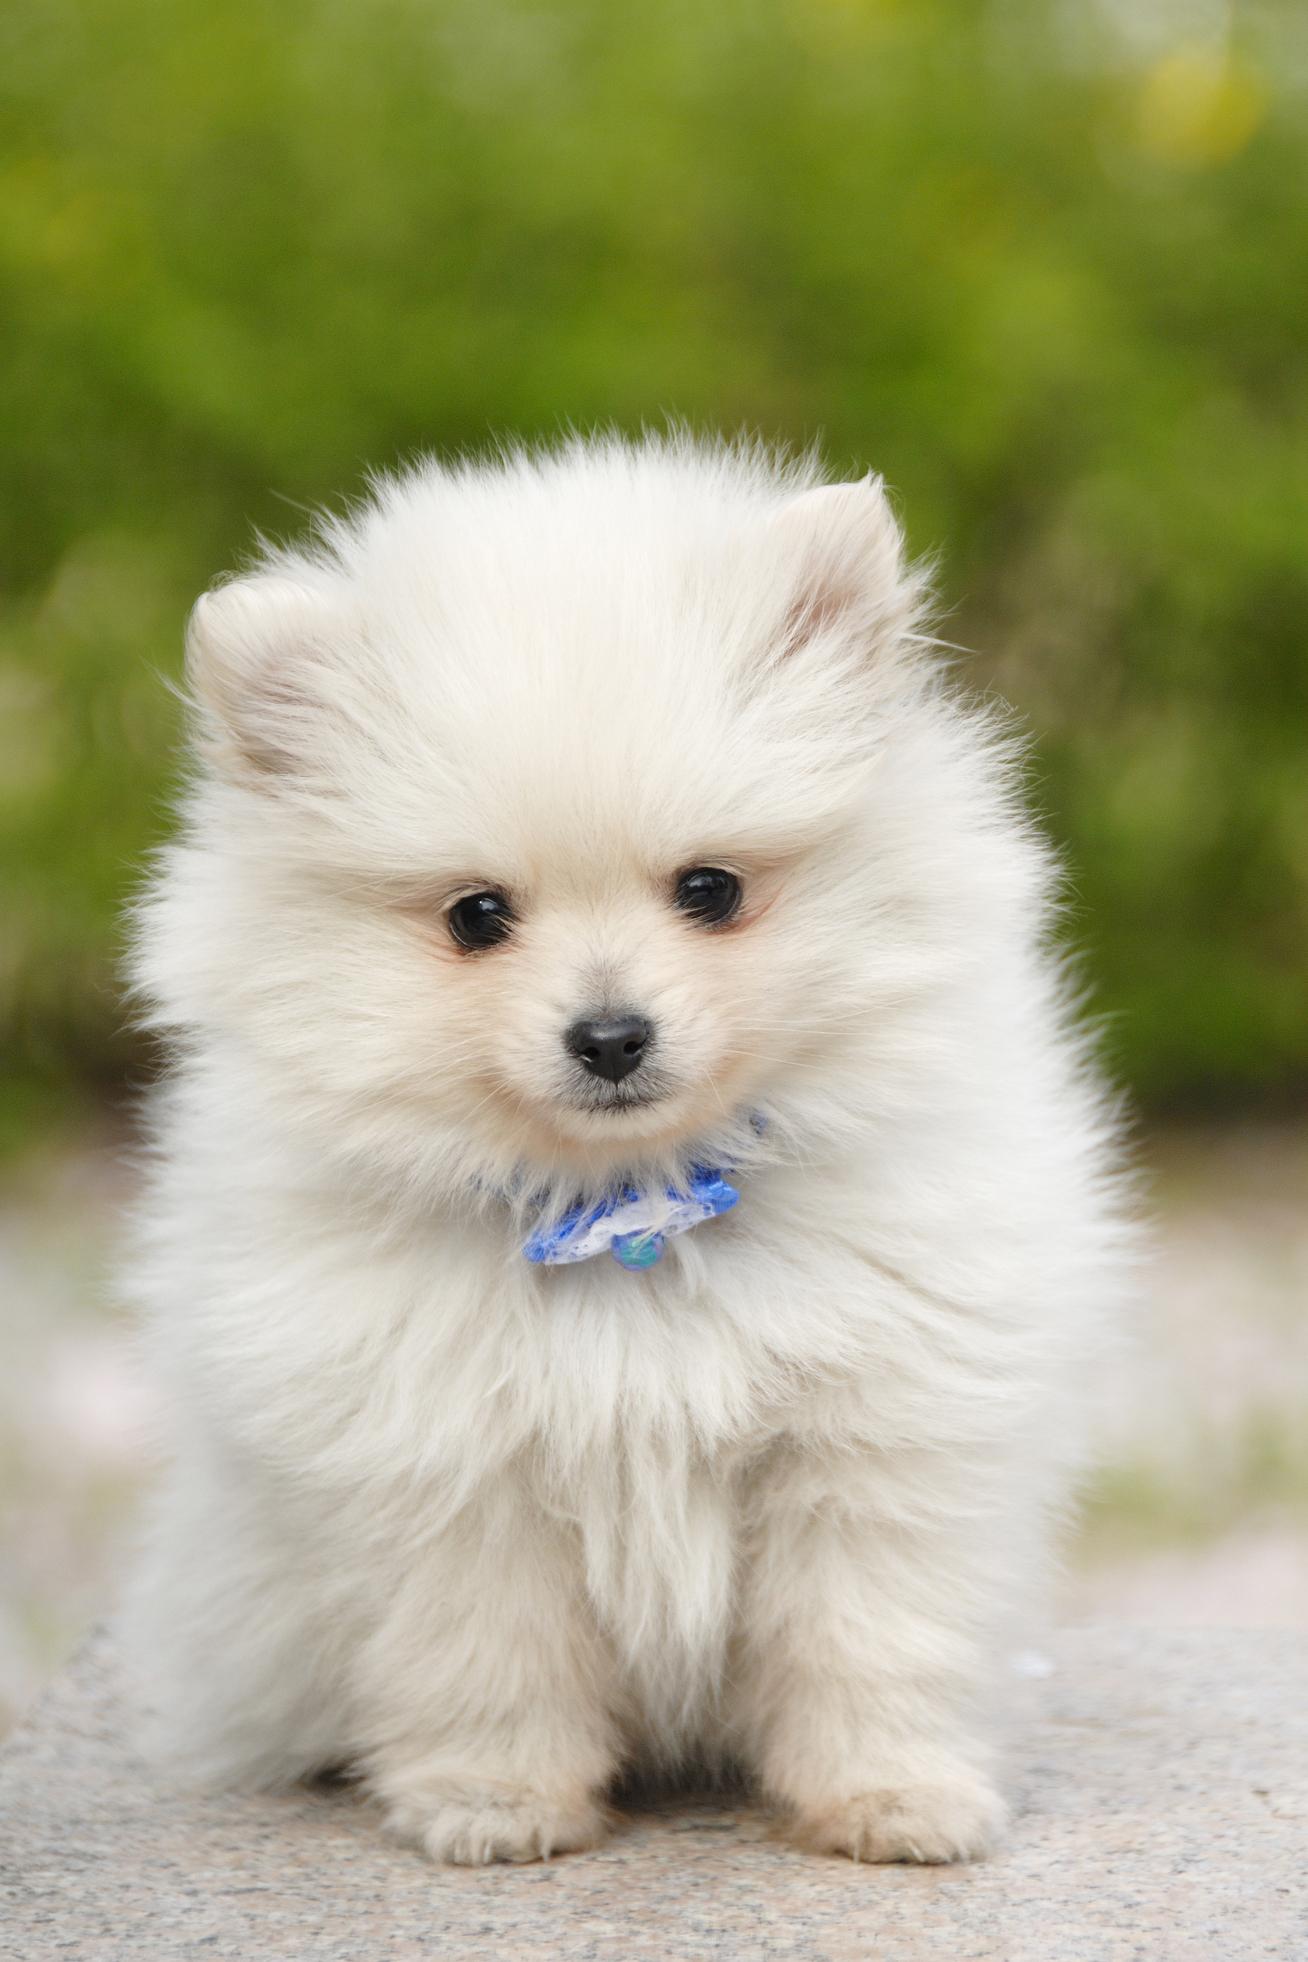 Big Puffy Fluffy Dog